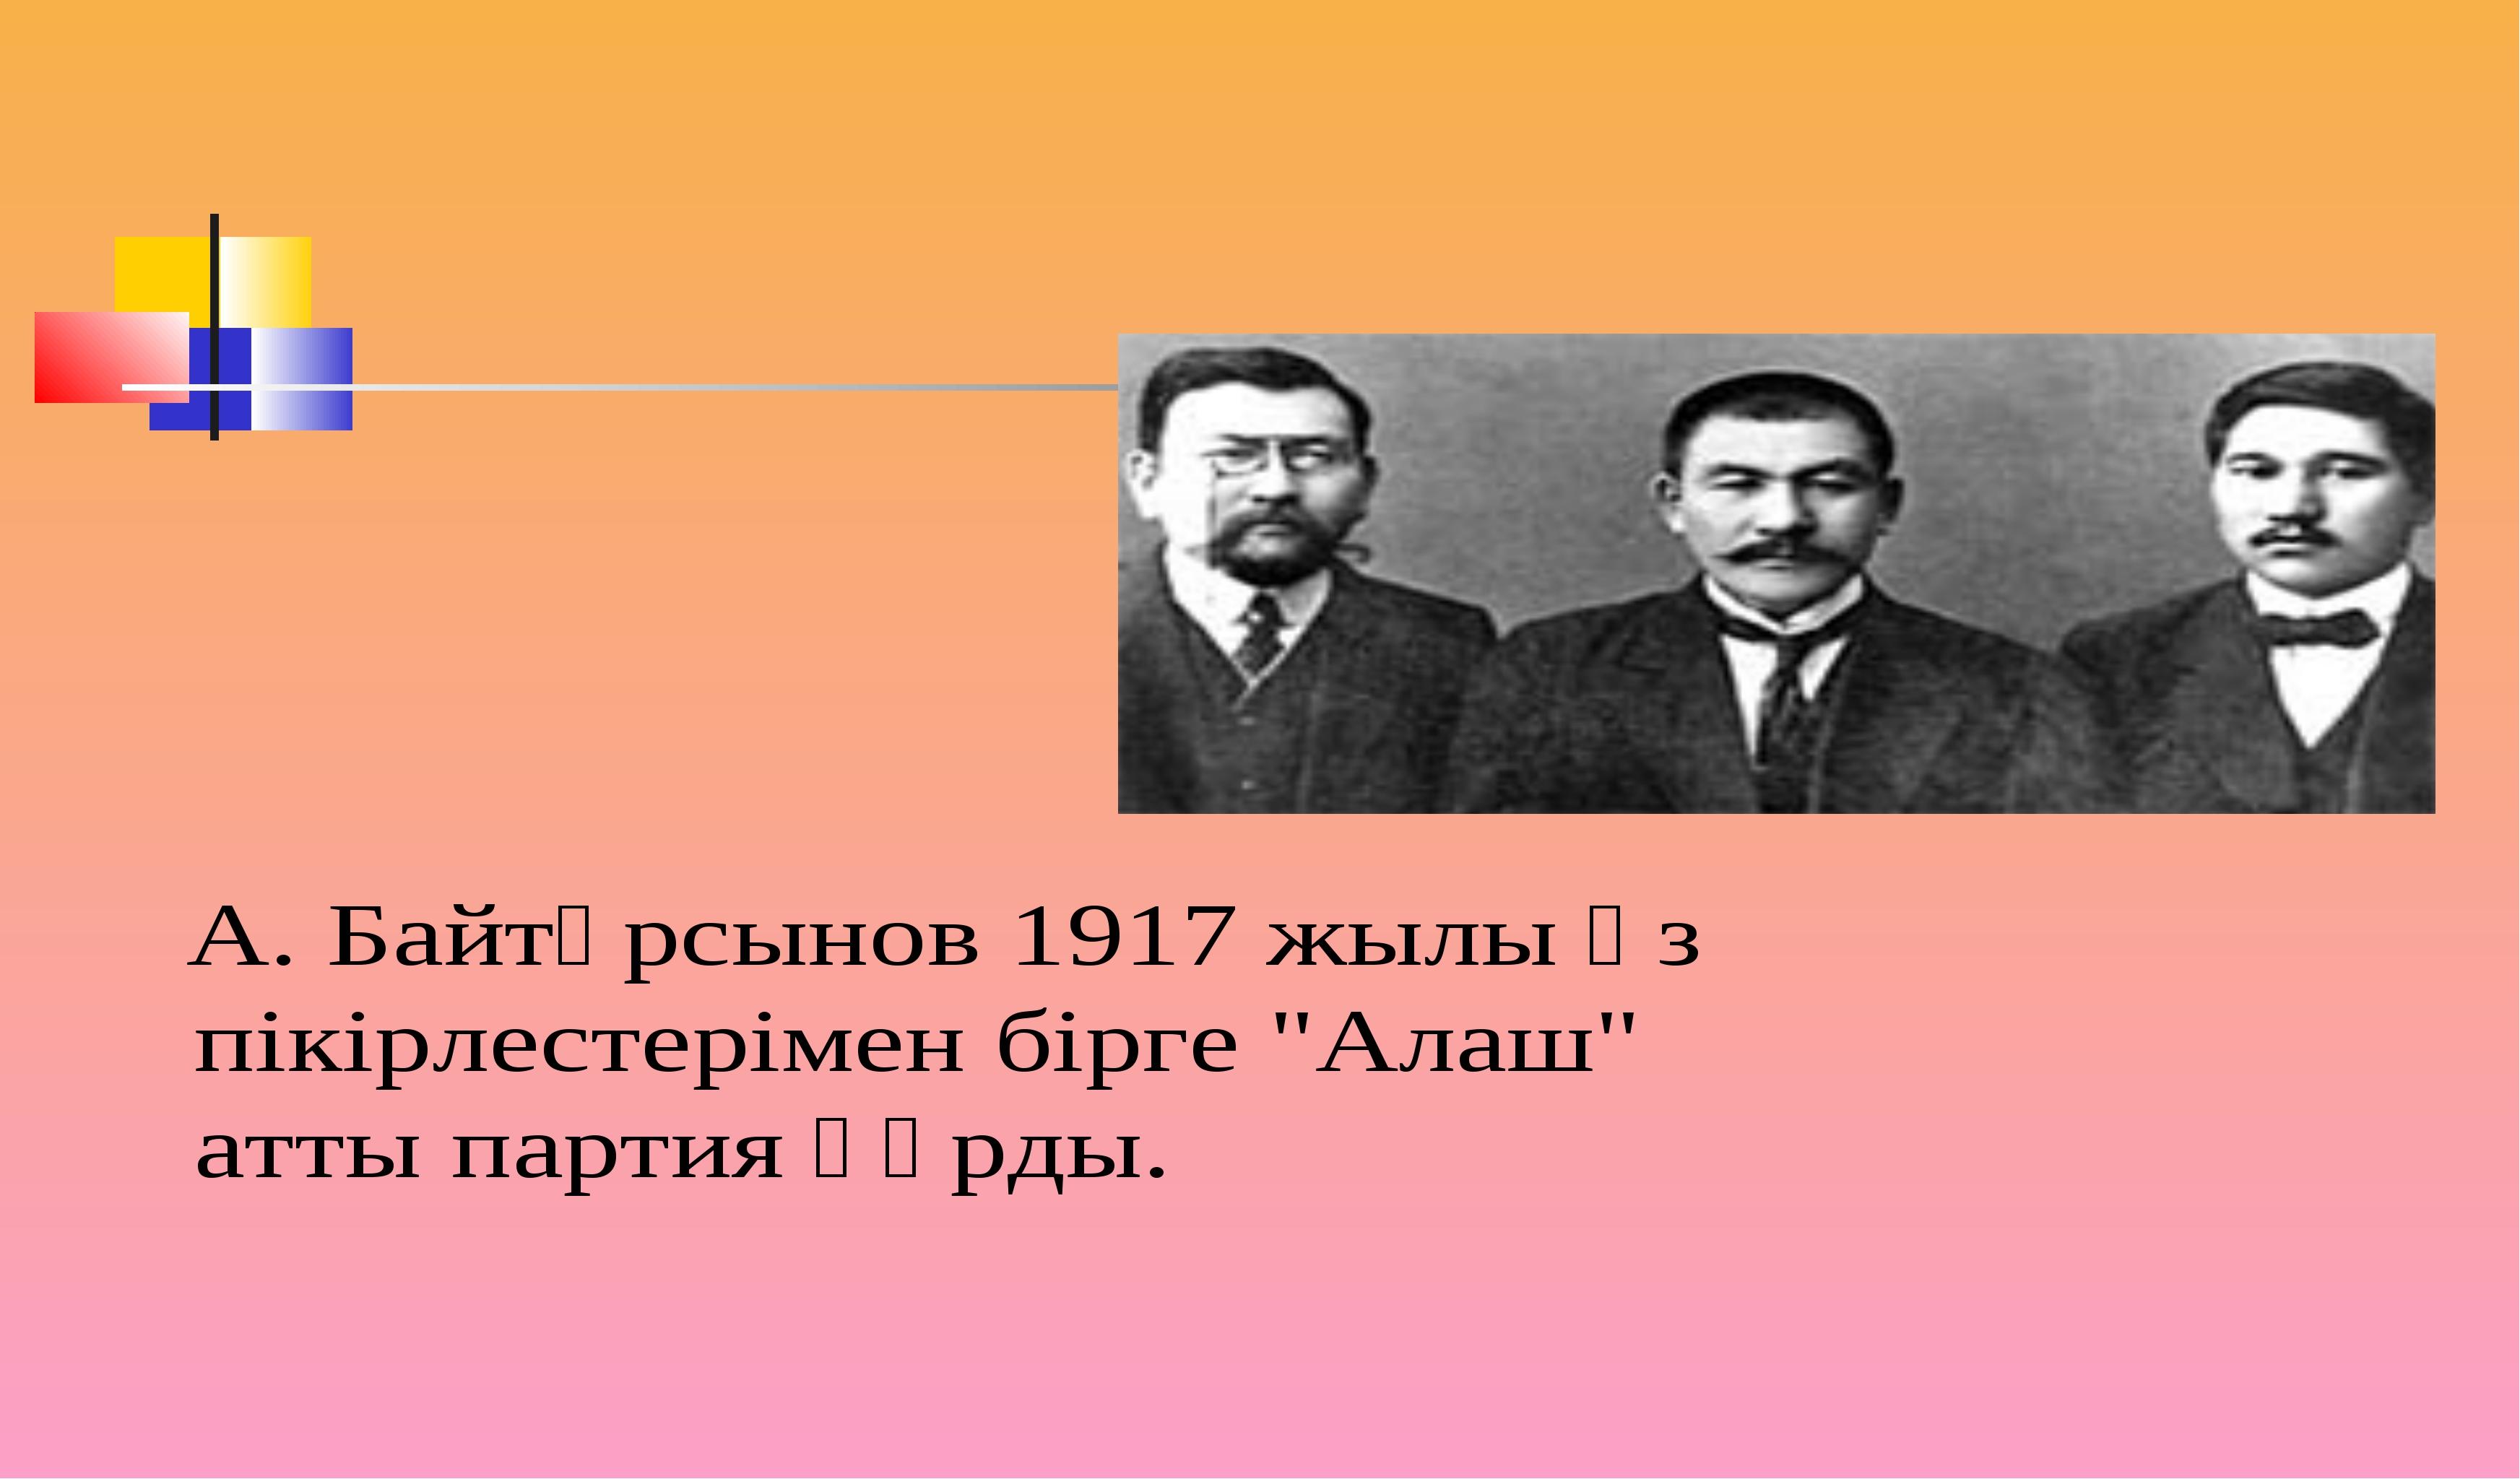 """А. Байтұрсынов 1917 жылы өз пікірлестерімен бірге """"Алаш"""" атты партия құрды."""